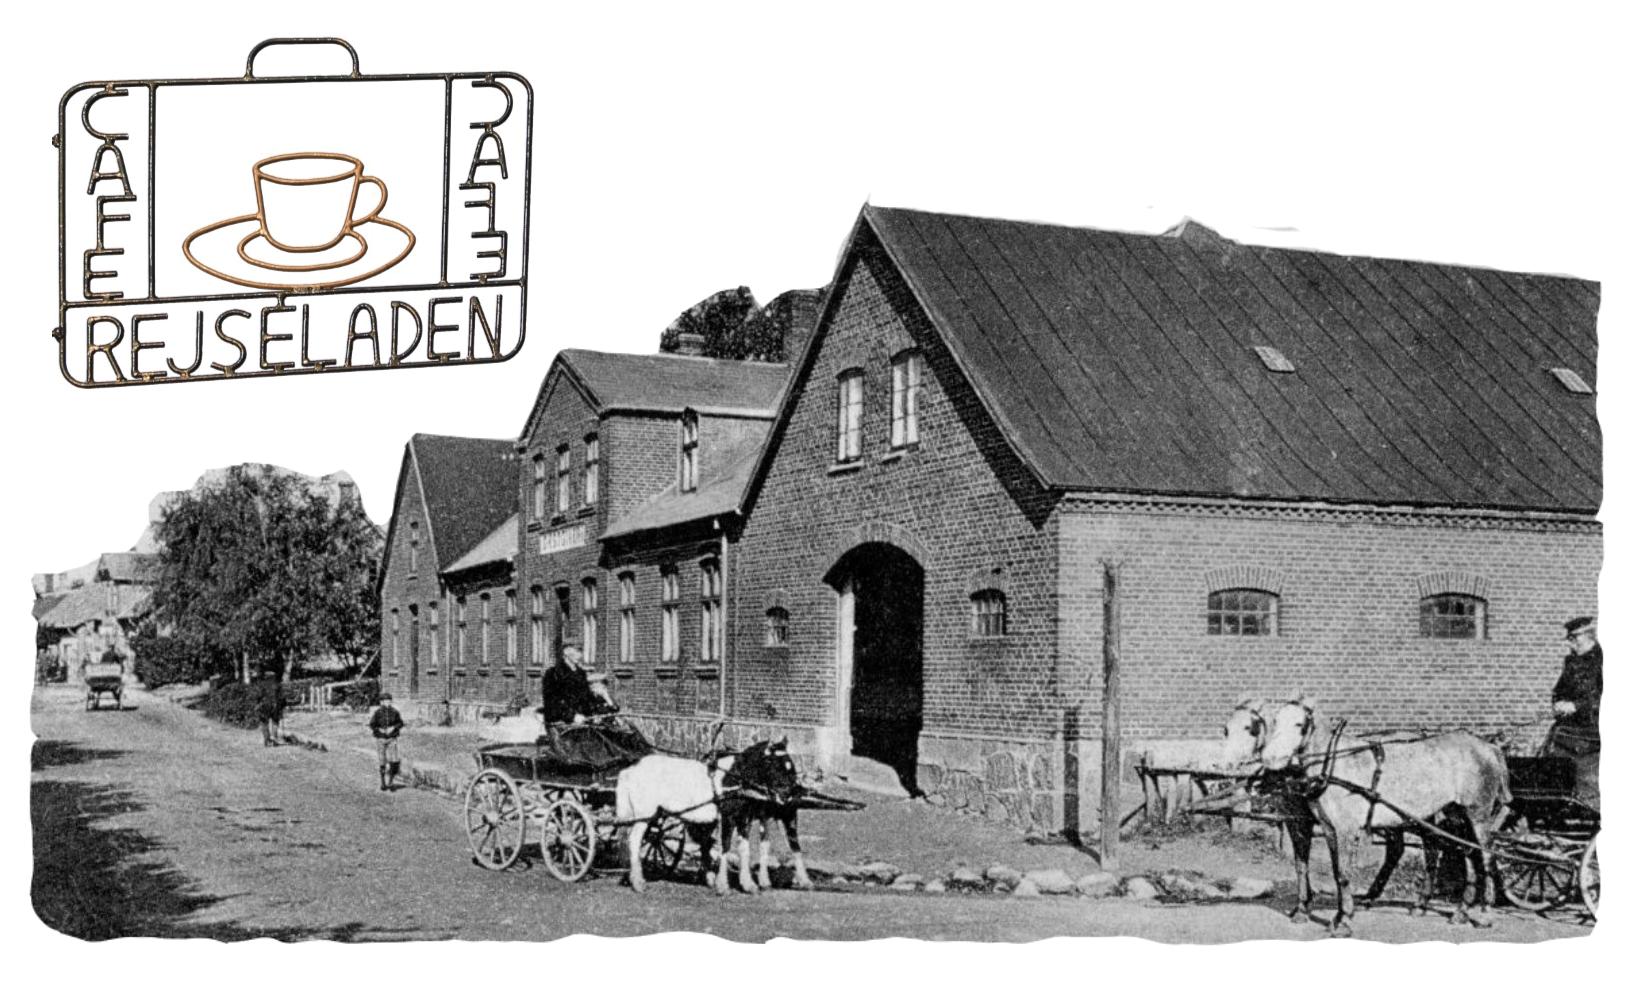 Pladsreservation Café Rejseladen